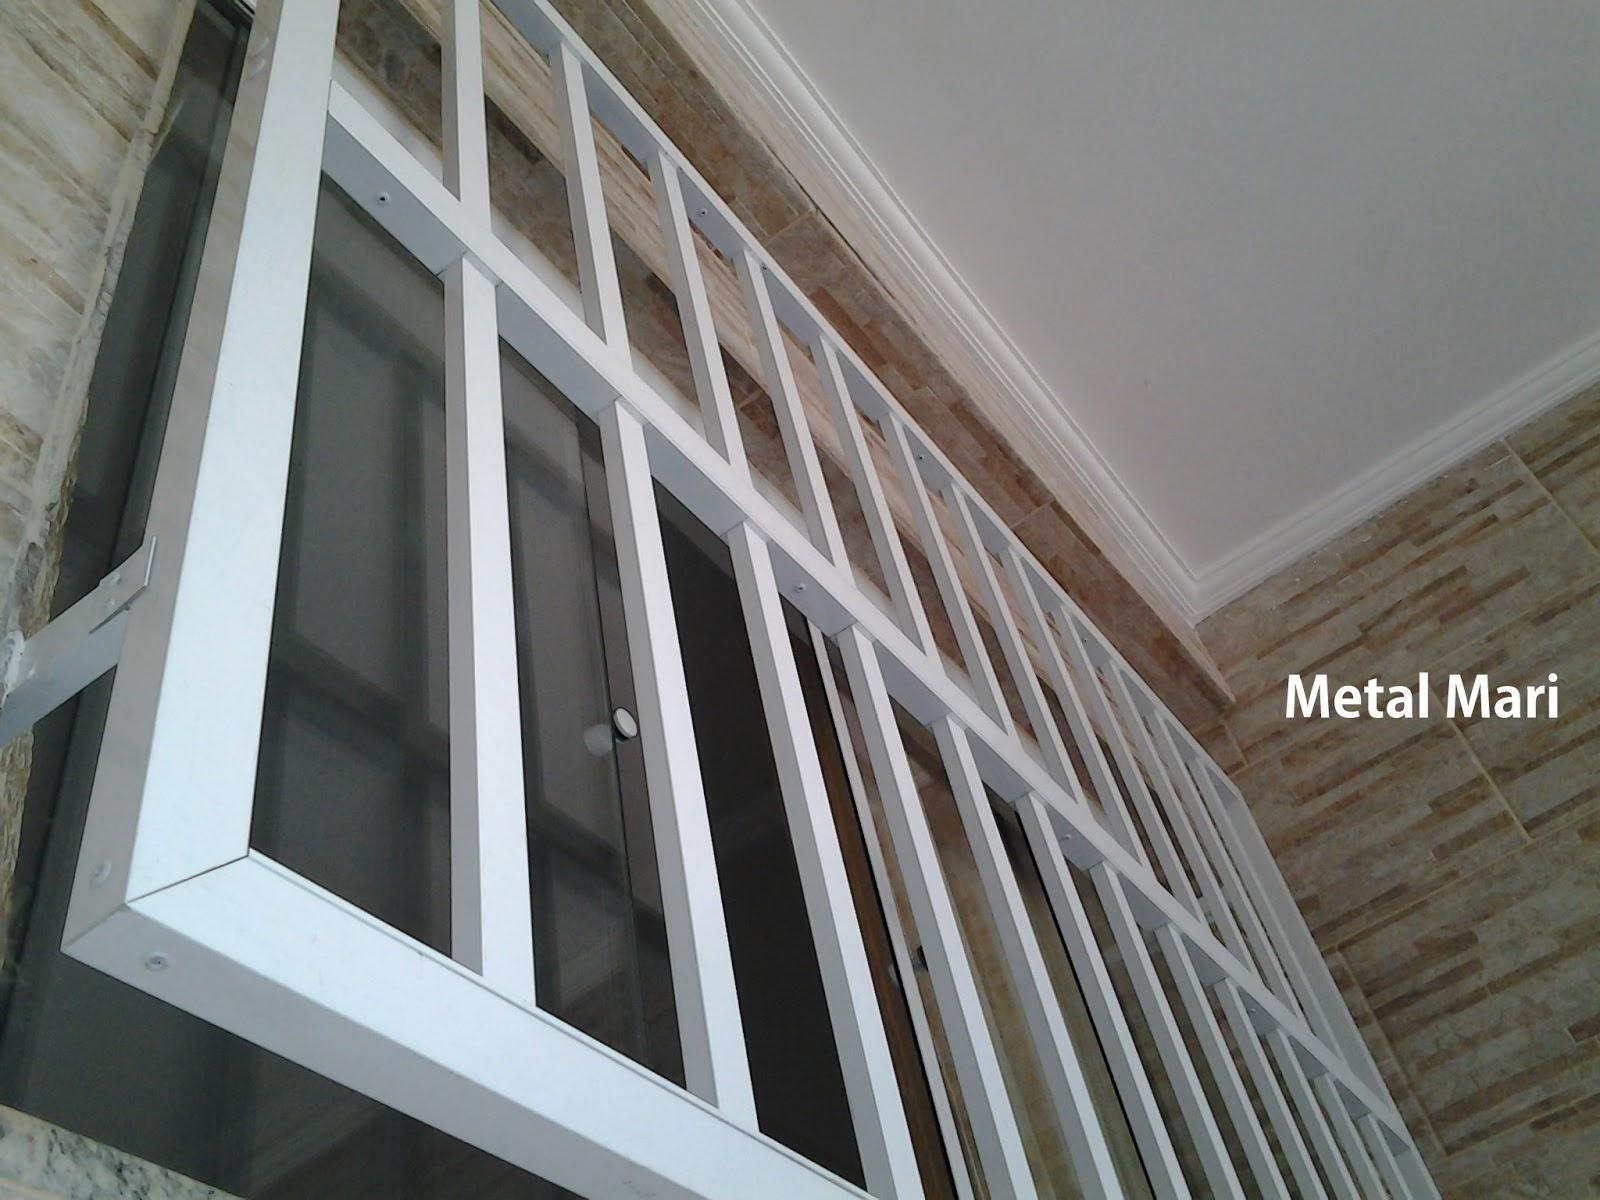 #526979 Metal Mari Esquadrias : Grade de alumínio branco (Metal Mari) 4136 Grade De Ferro Para Janela De Aluminio